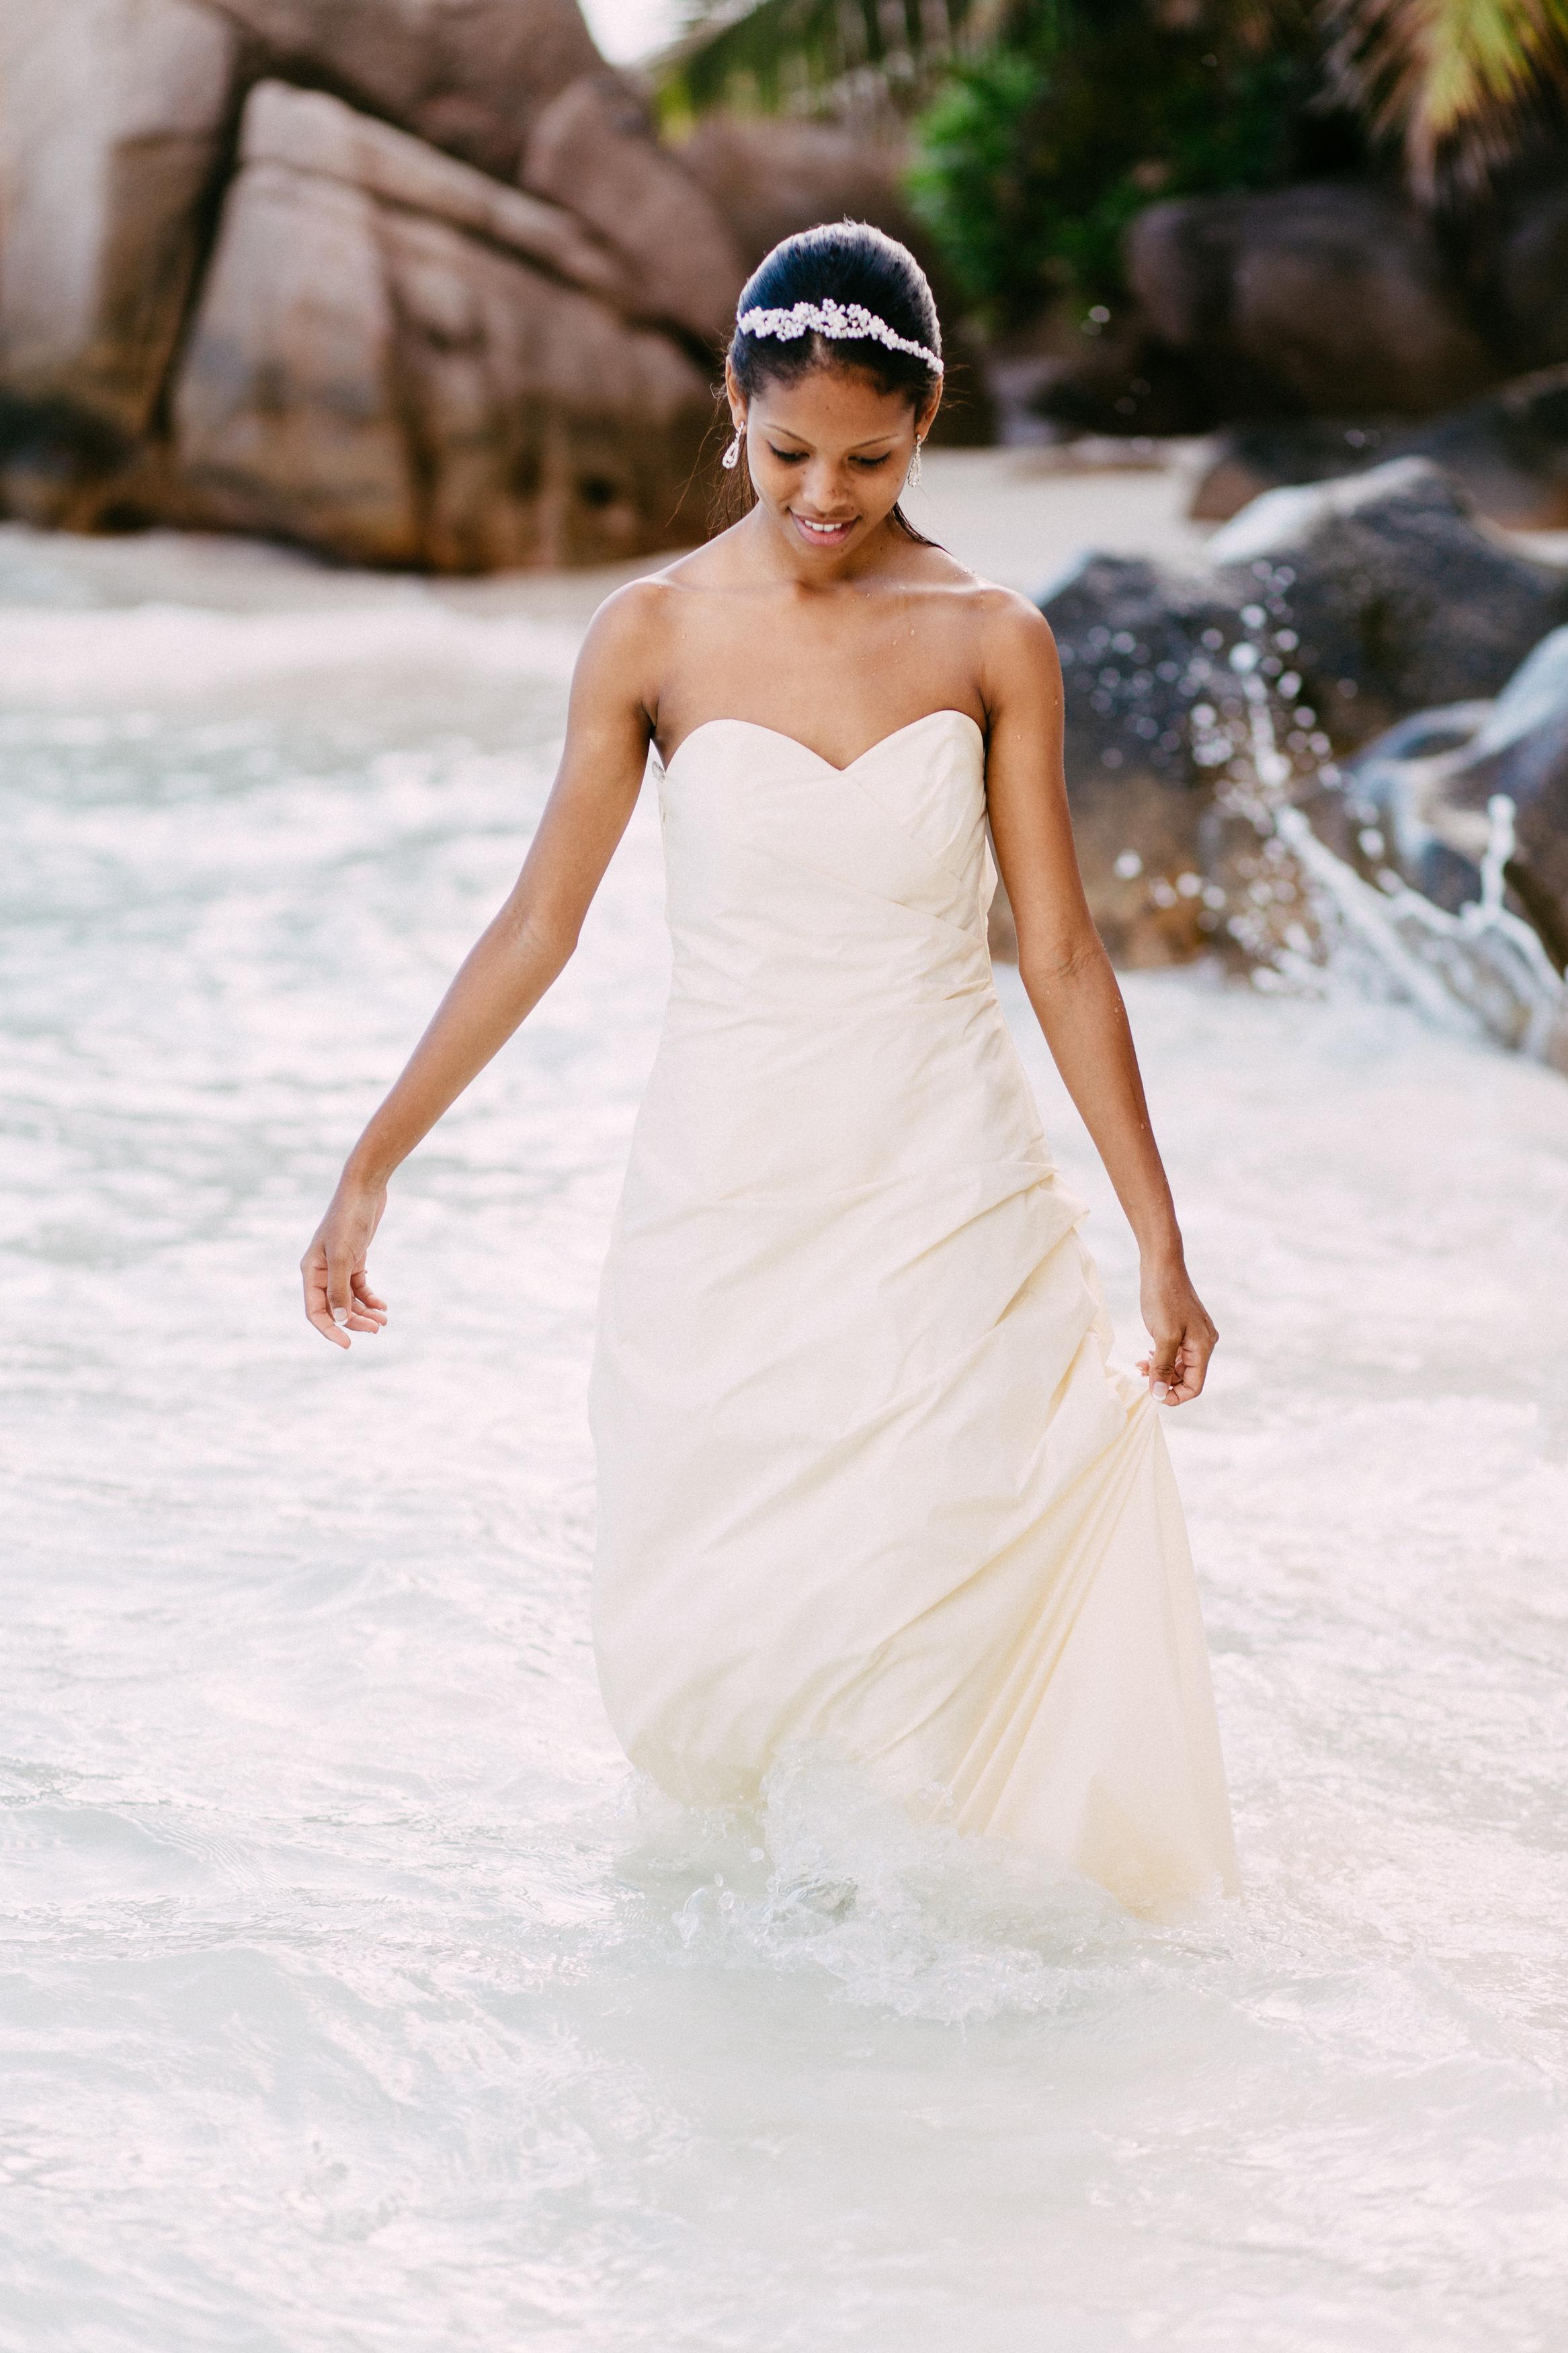 Mein Brautkleid auf Reisen - shopandmarry